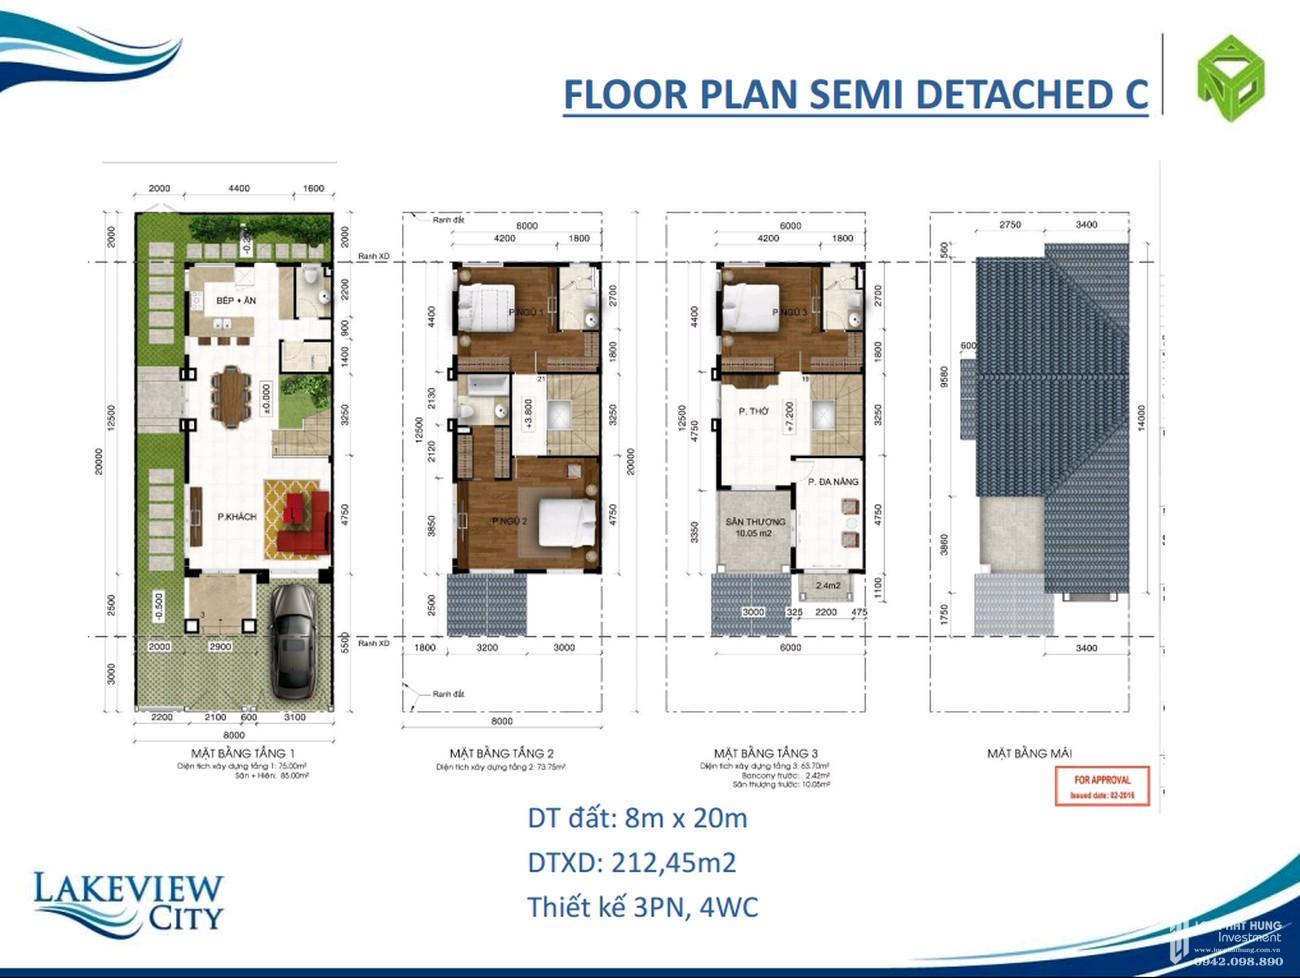 Thiết kế dự án nhà phố Lakeview City Quận 2 Đường Cao tốc Long Thành - Dầu Giây chủ đầu tư NovaLand